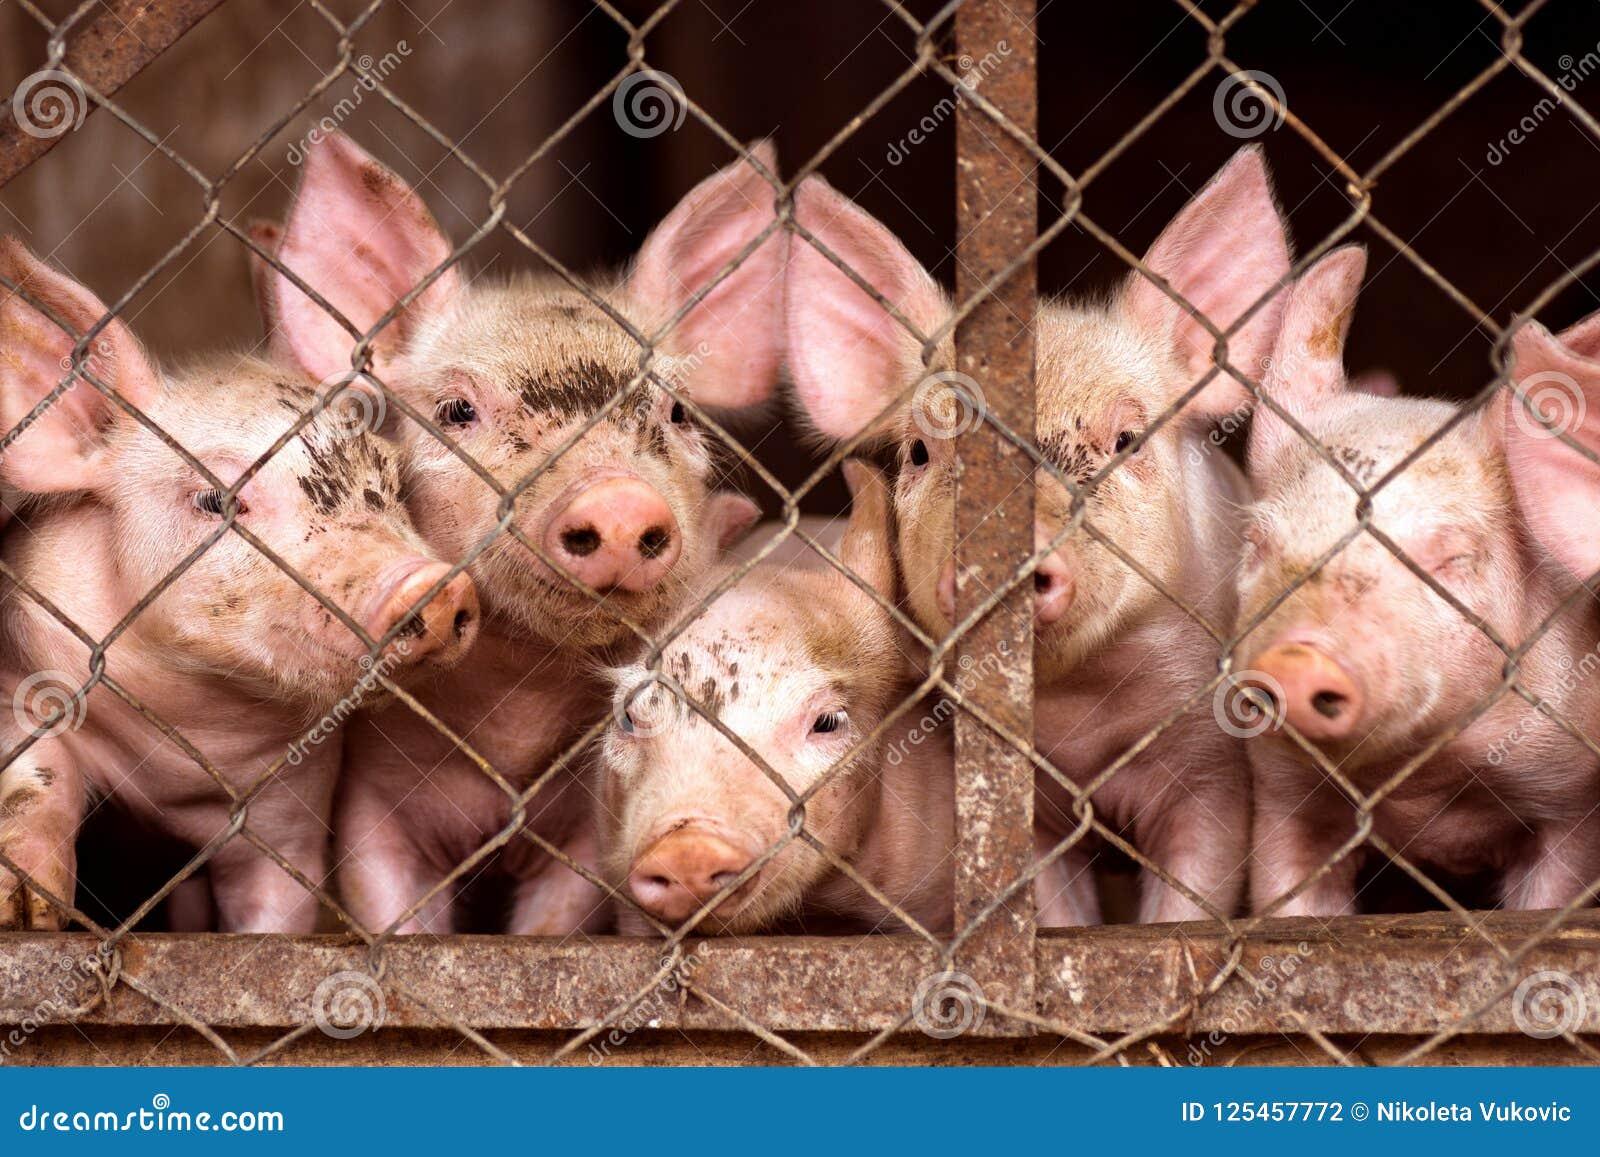 Kleine Schweine Im Schweinestall Stockfoto - Bild von